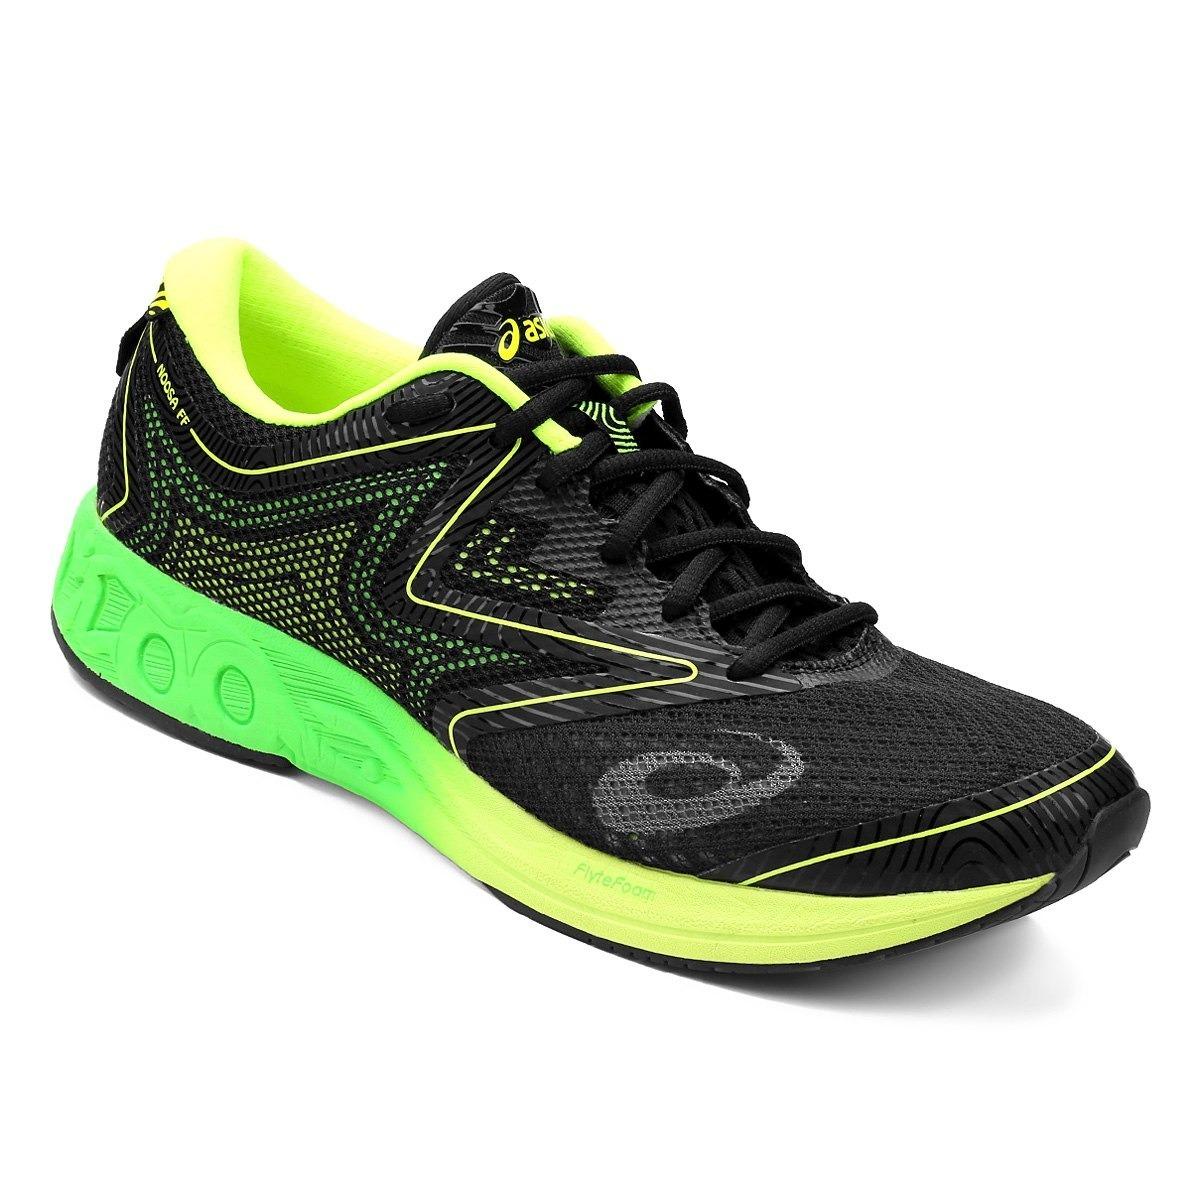 42c470d4f10 tênis asics gel noosa ff masculino - preto verde 40 promoção. Carregando  zoom.